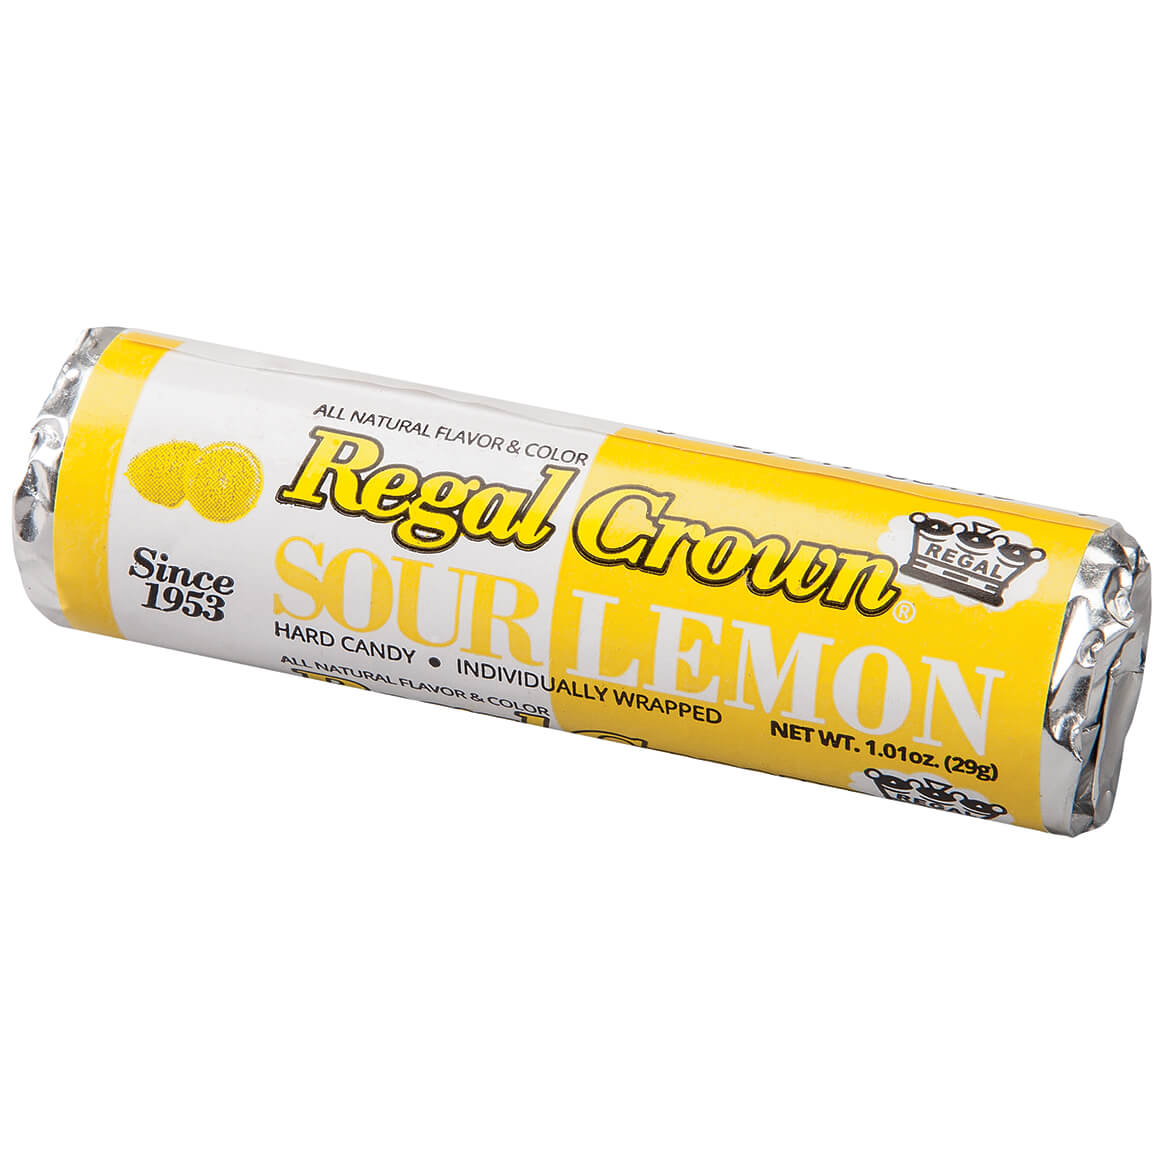 Regal Crown® Sour Lemon, 1.01 oz., Set of 6-368967